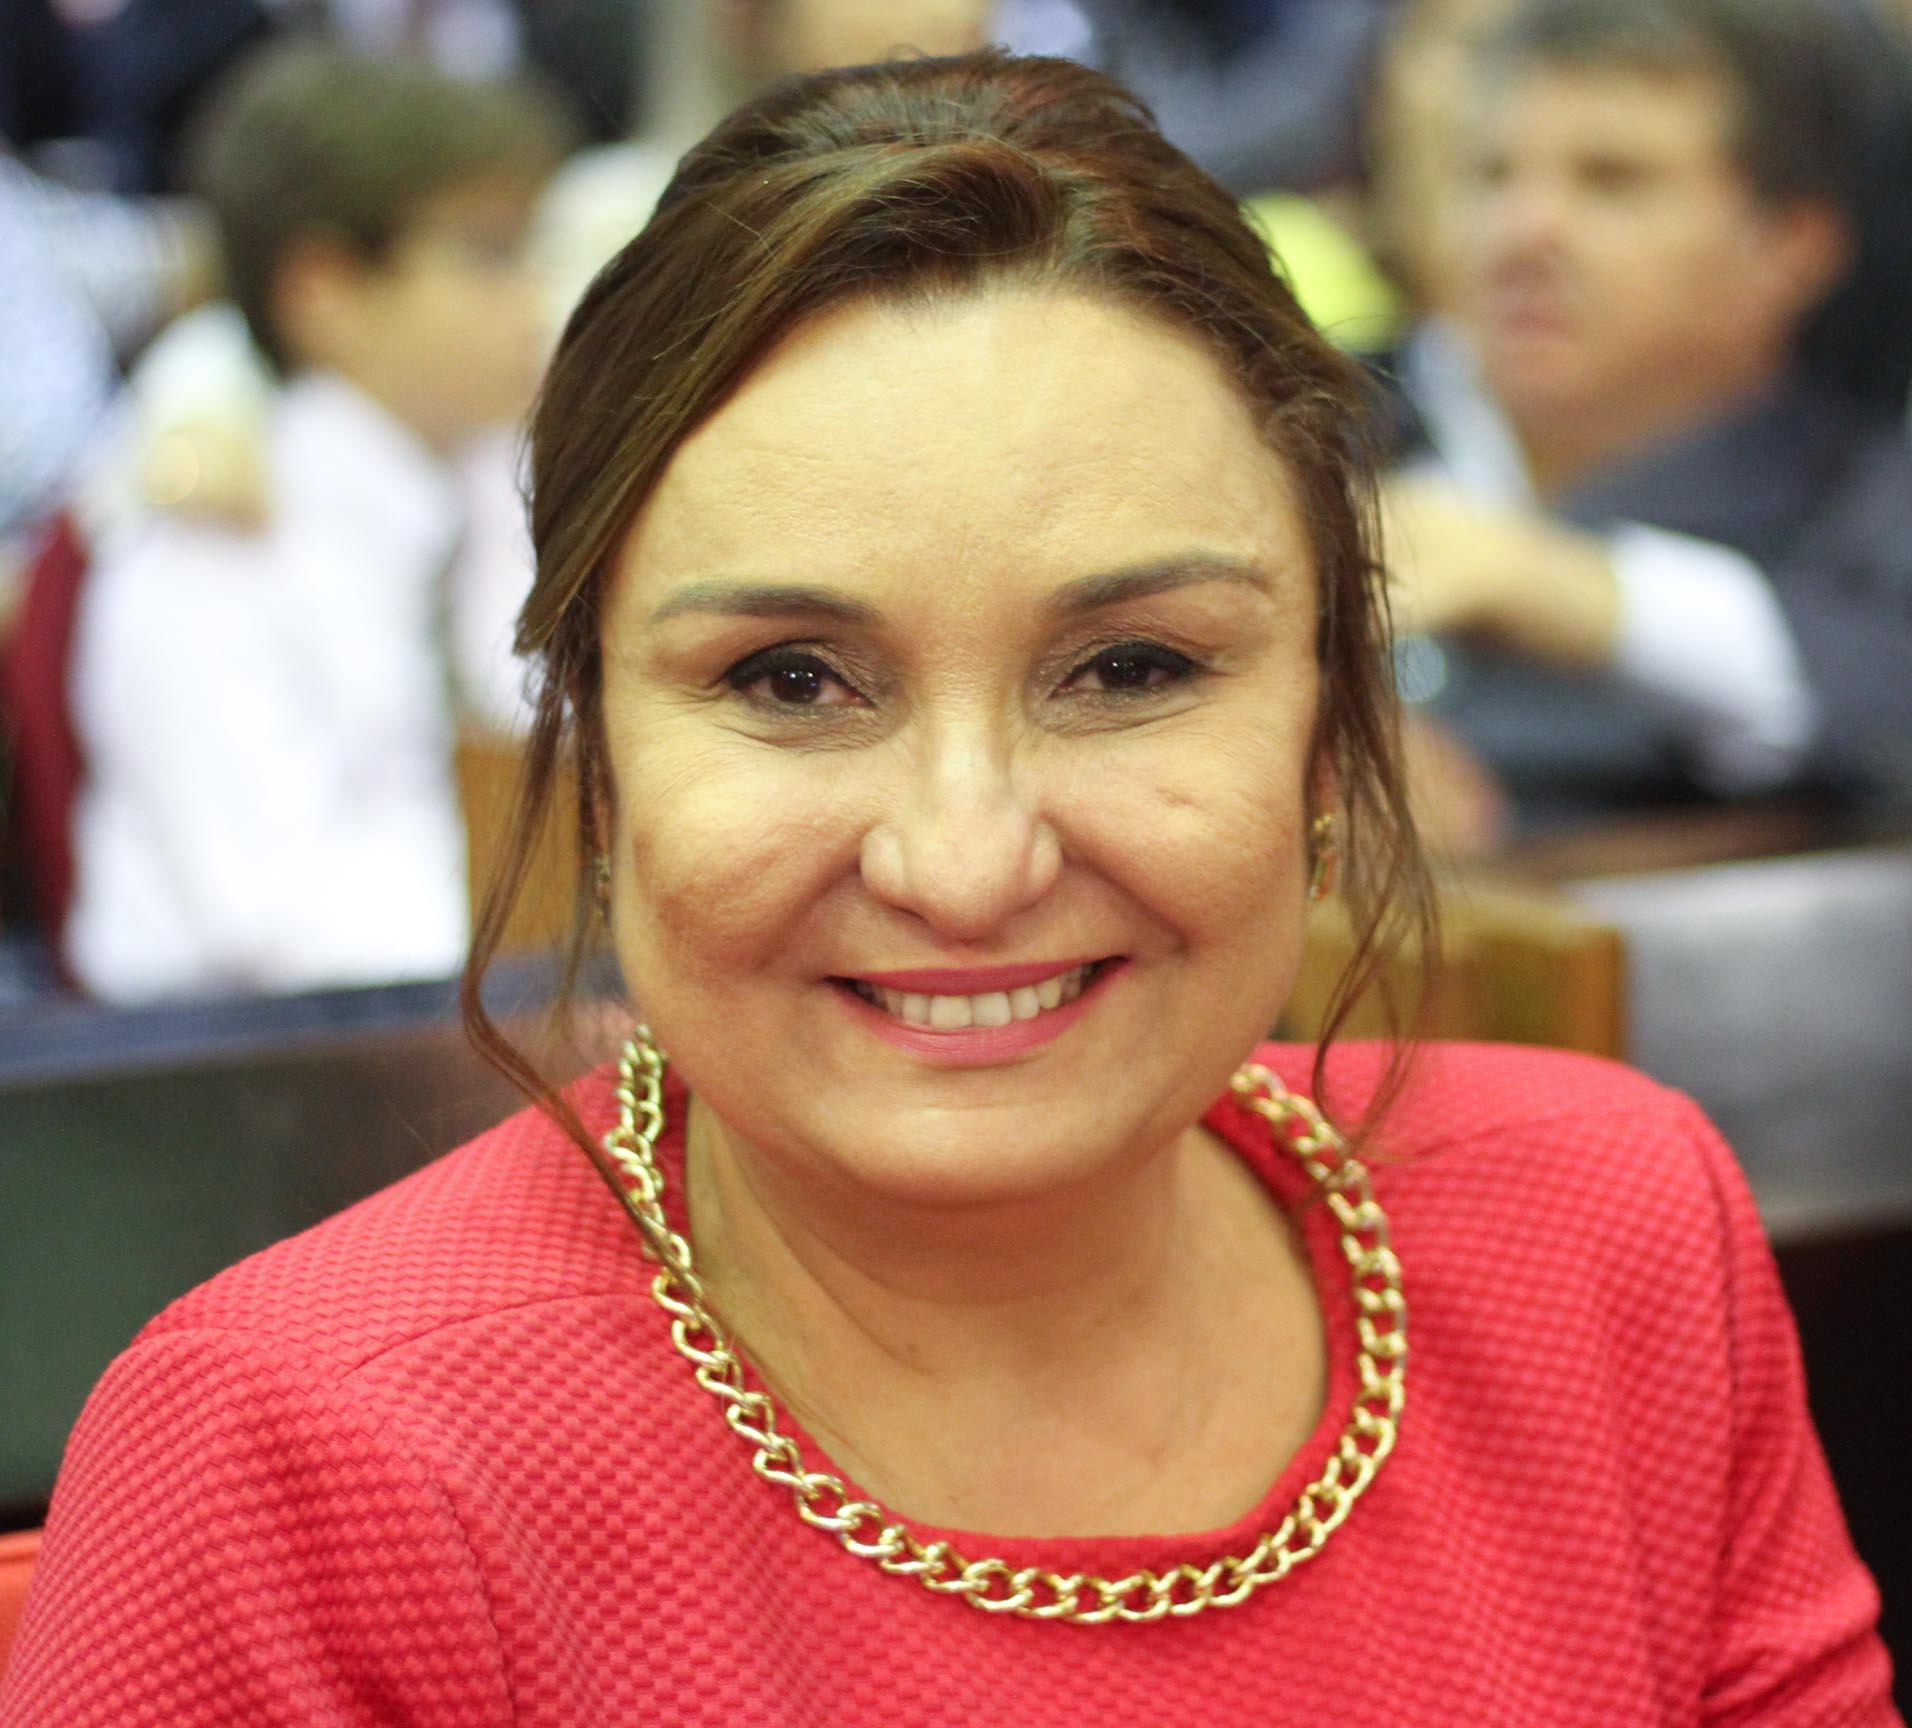 Flora Izabel registra candidatura à vaga de conselheira do Tribunal de Contas nesta segunda (23)